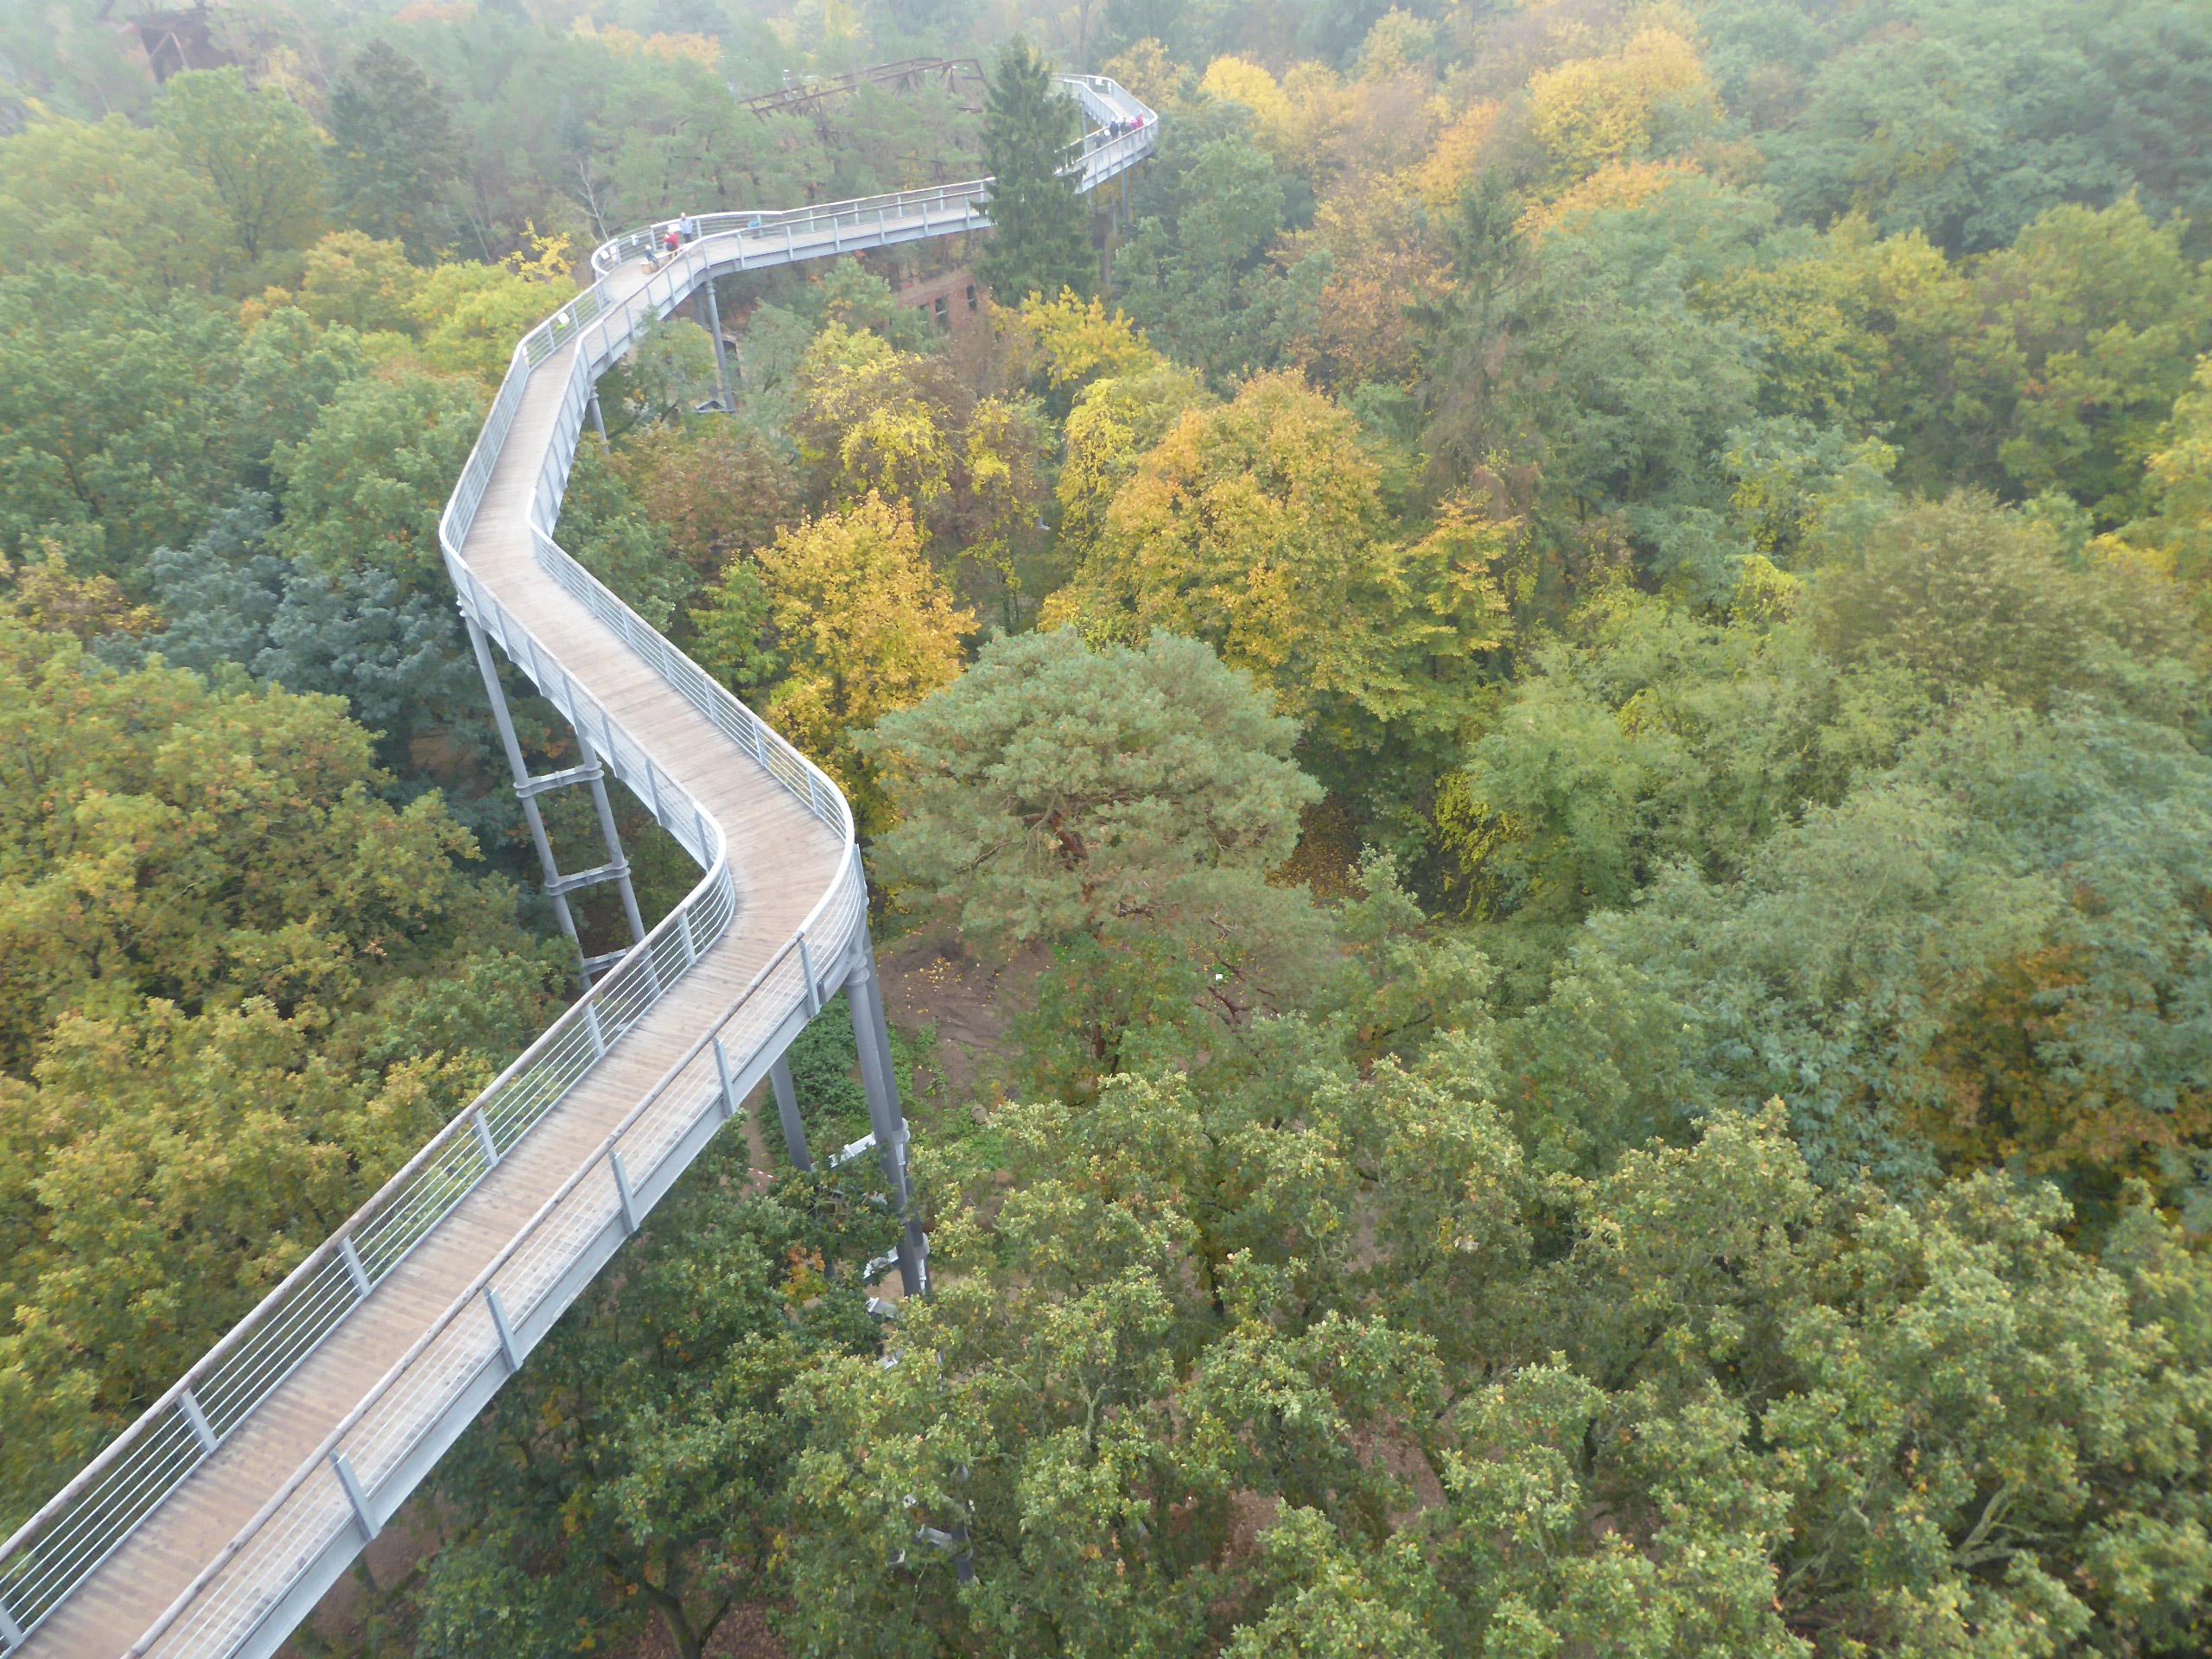 Ausflug ins Herbstlaub – Baumkronenpfad Beelitz-Heilstätten